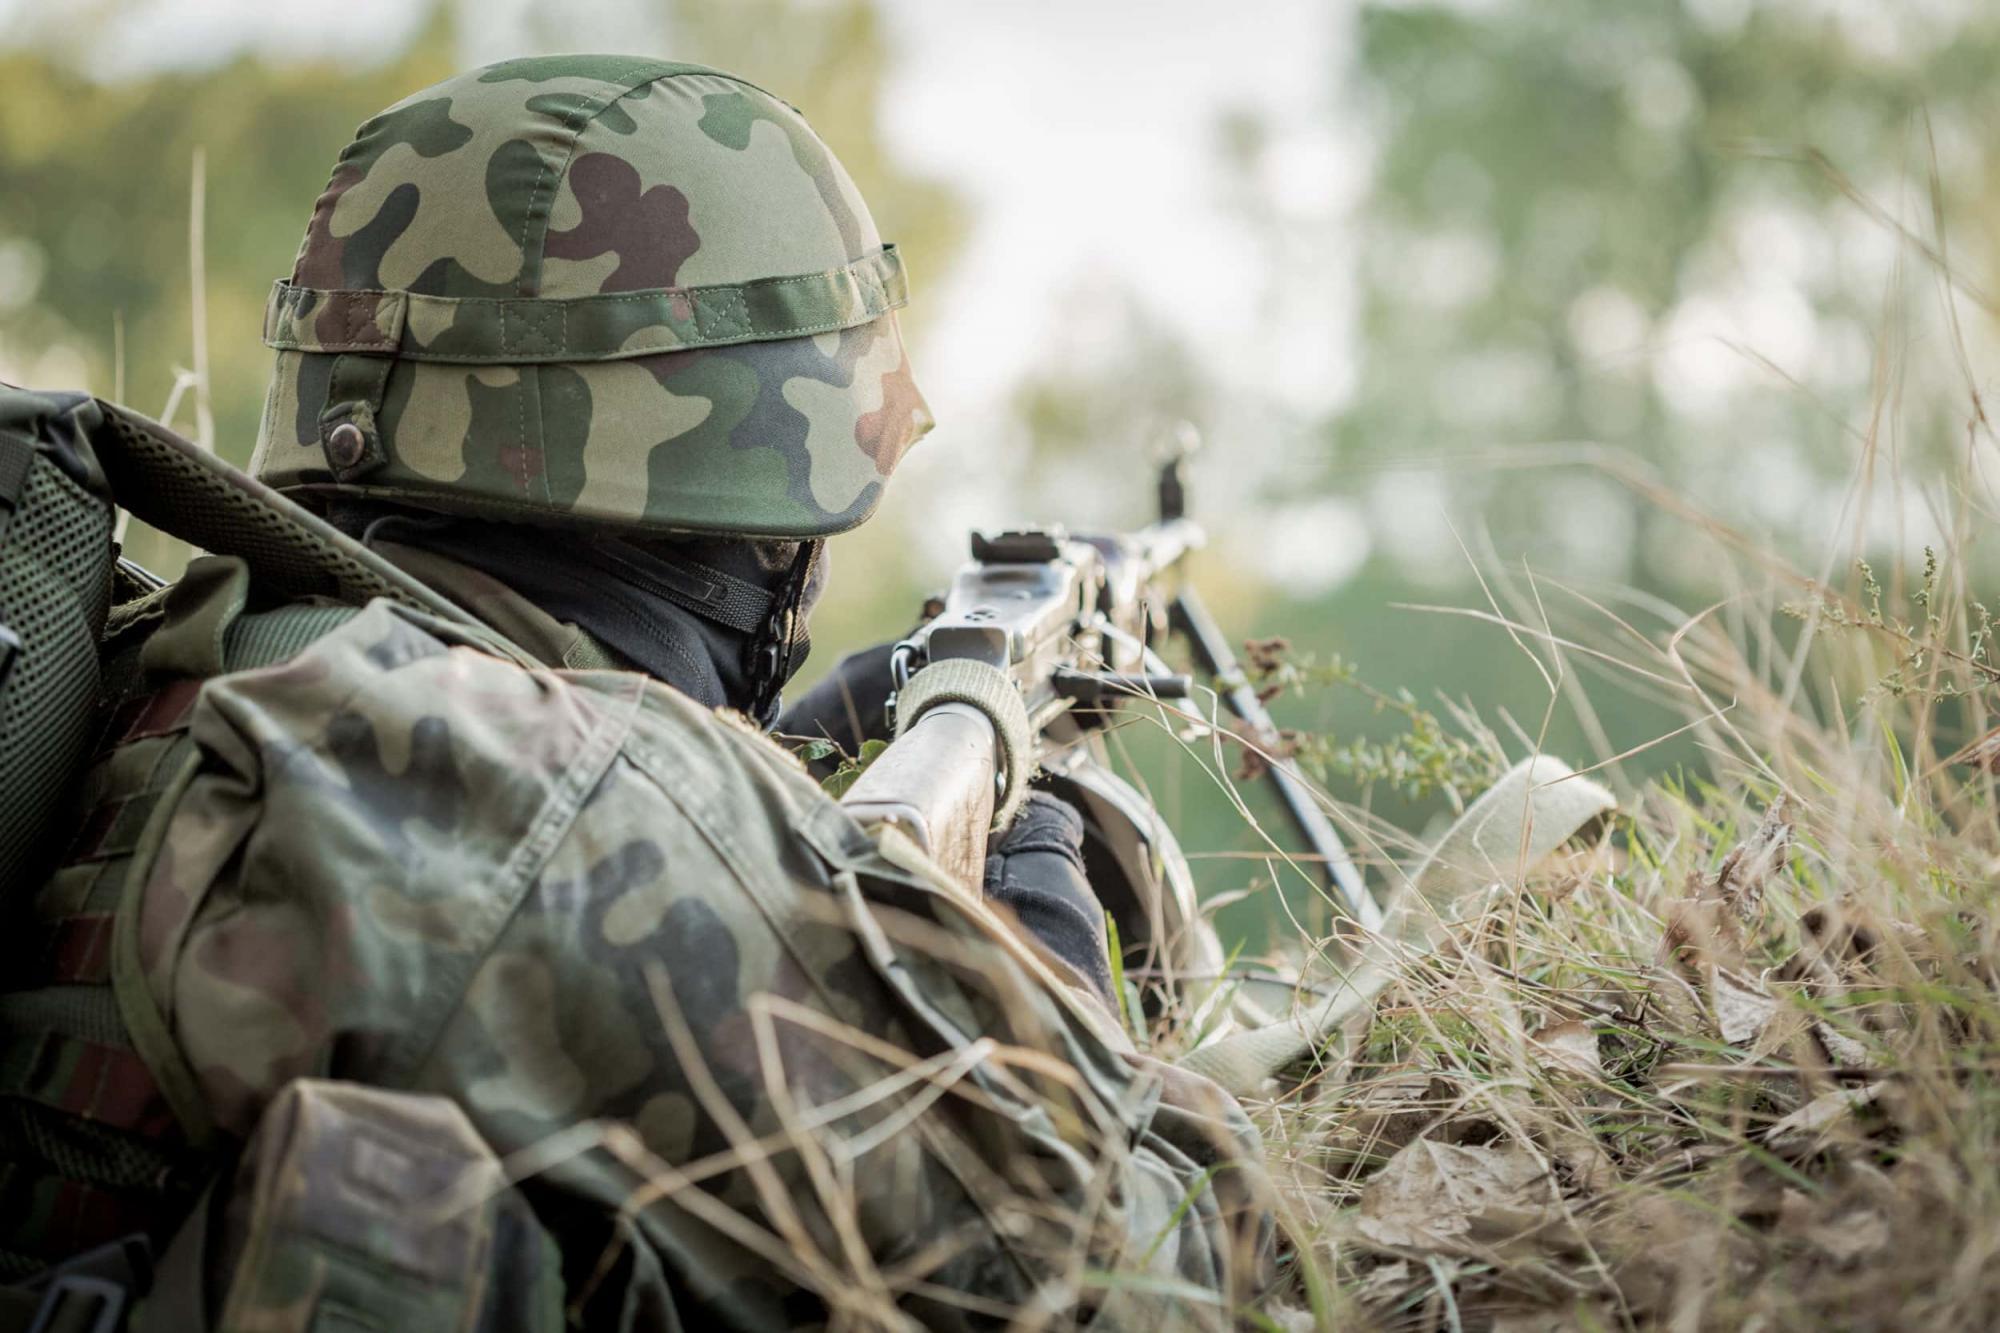 Противник вів вогонь із гранатометів та великокаліберного кулемета поблизу Опитного, – штаб